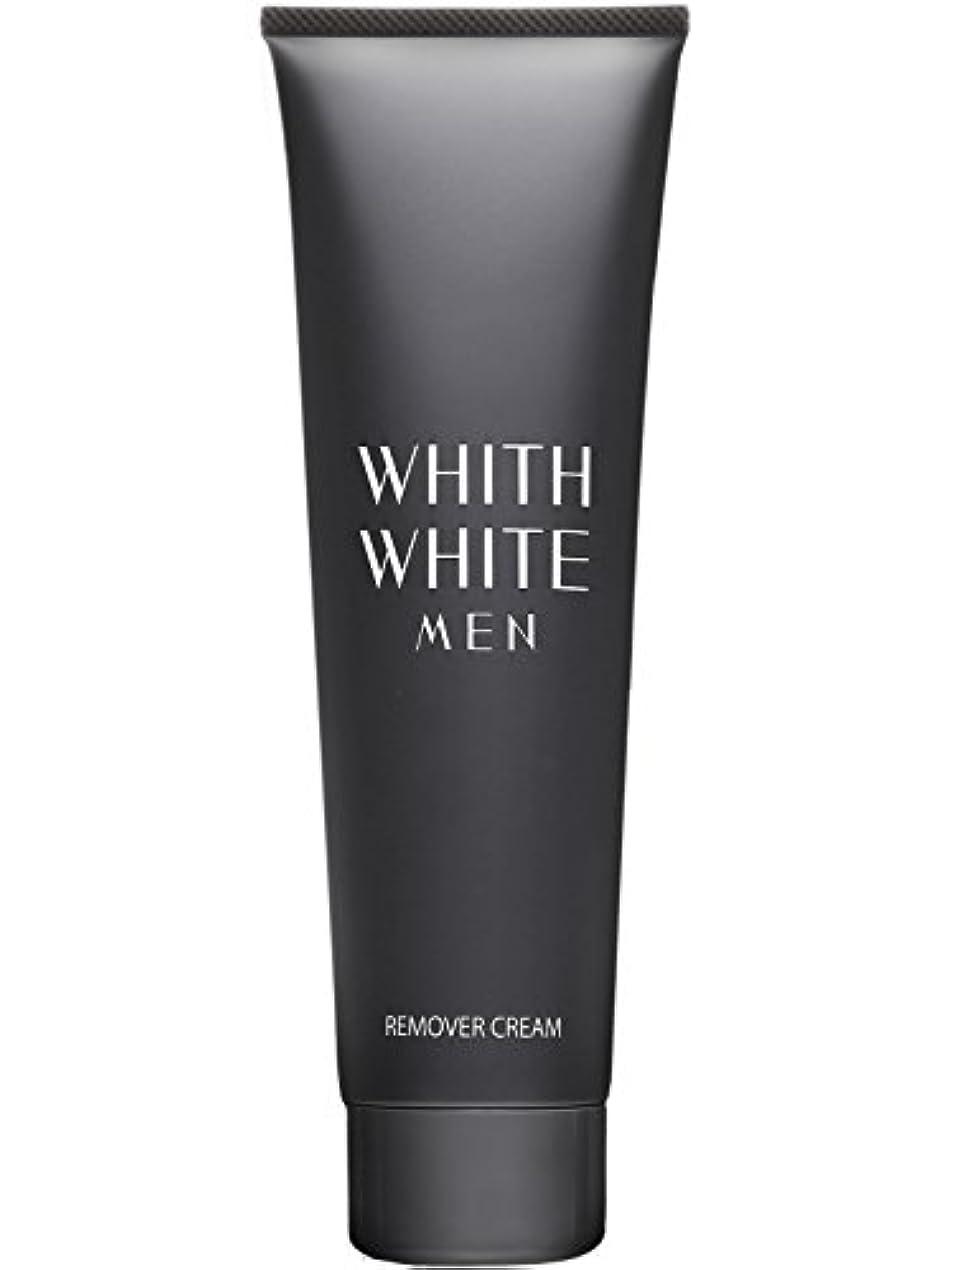 セーブそれに応じて禁輸医薬部外品 フィス ホワイト メンズ 除毛クリーム リムーバークリーム 陰部 使用可能 210g